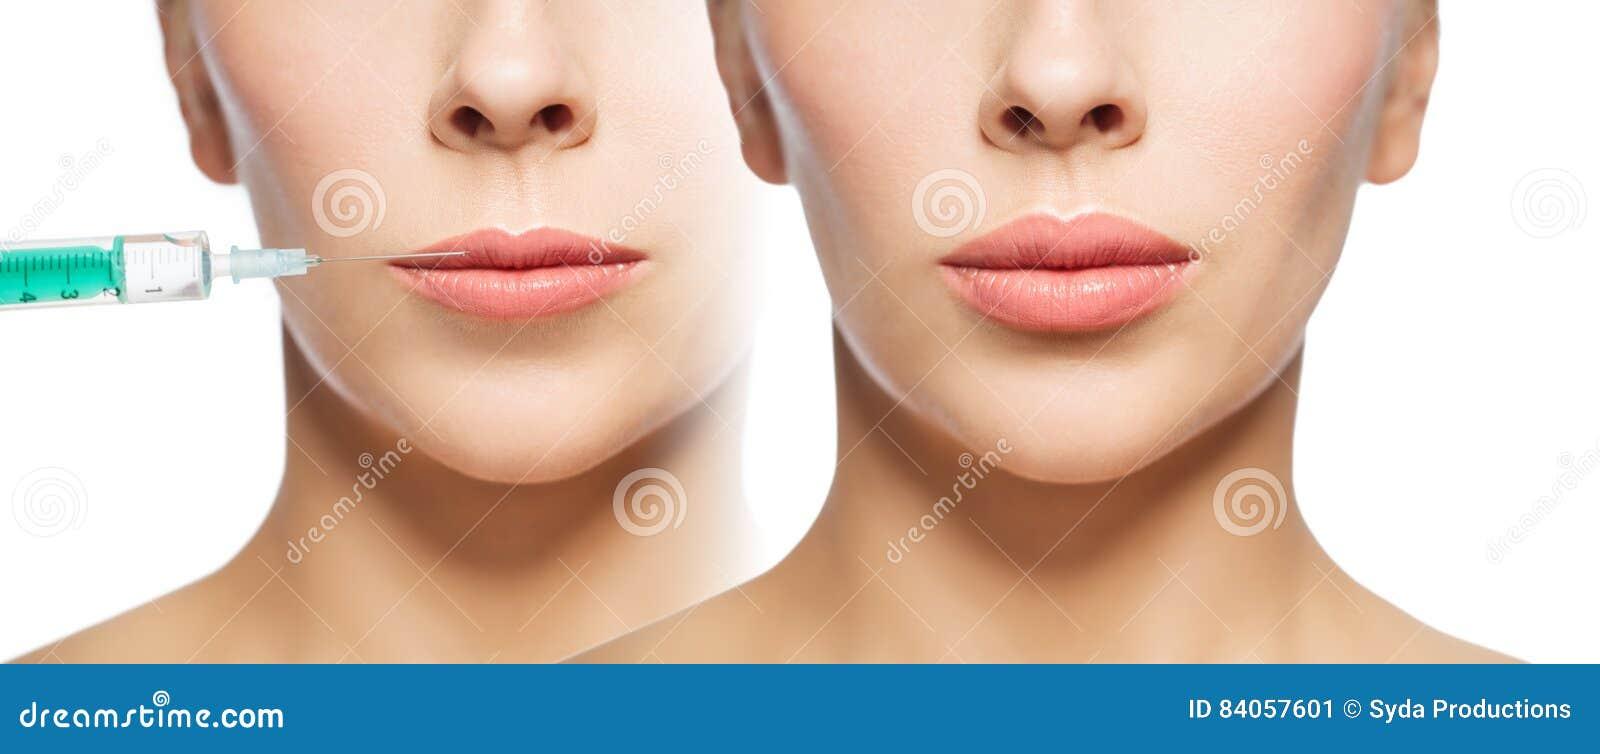 För kantutfyllnadsgods för kvinna före och efter injektion